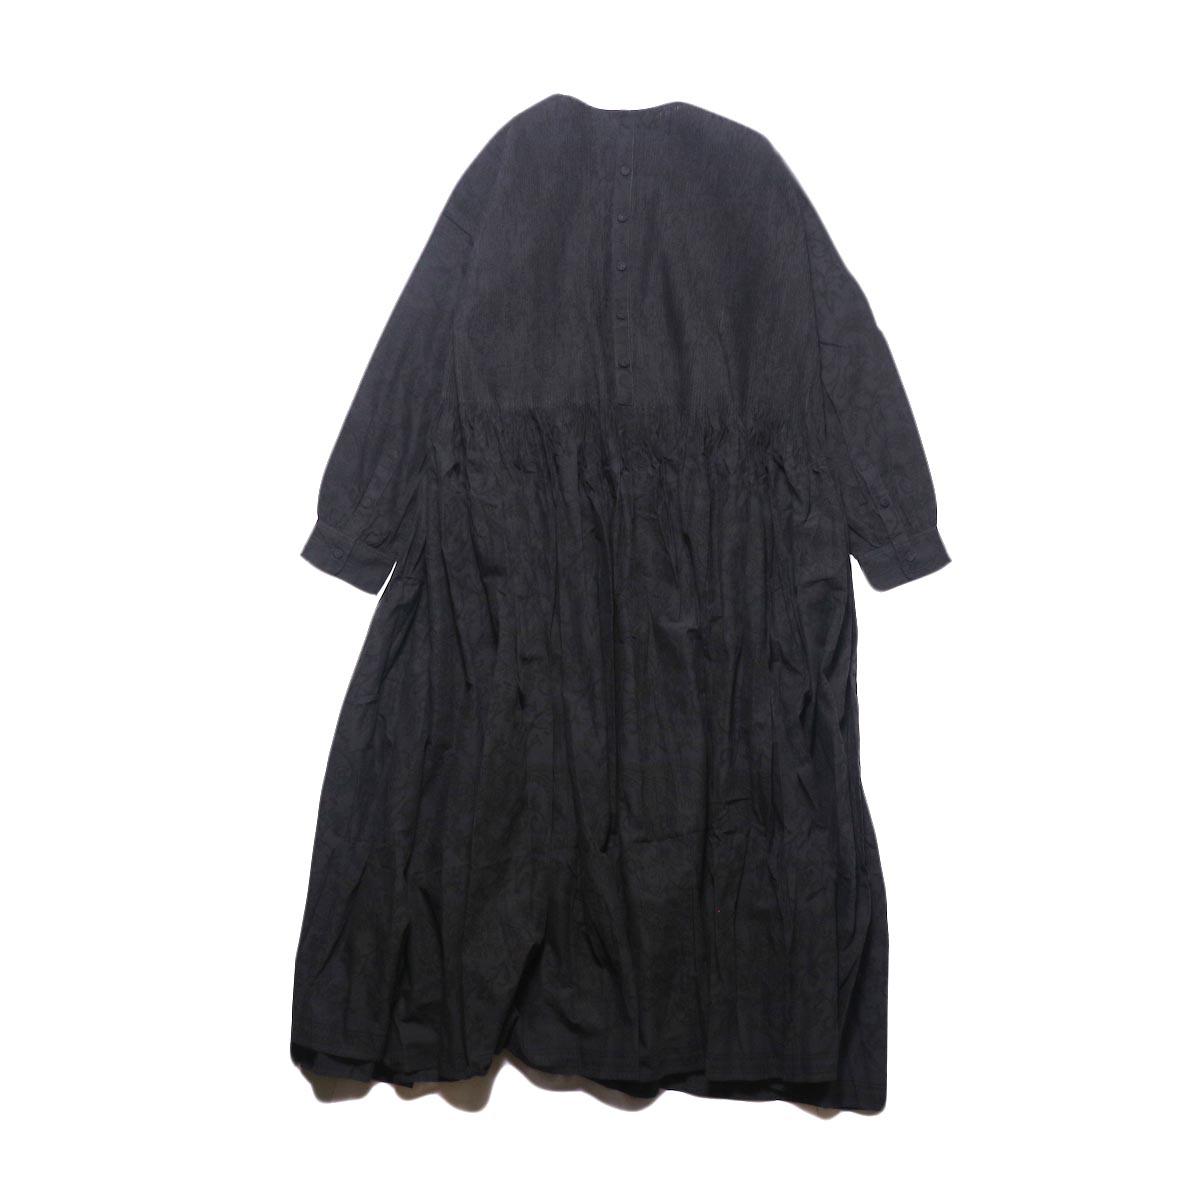 maison de soil / CREW-NECK P/O DRESS WITH MINI PINTUCK (charcoal×black paisley pront) 背面